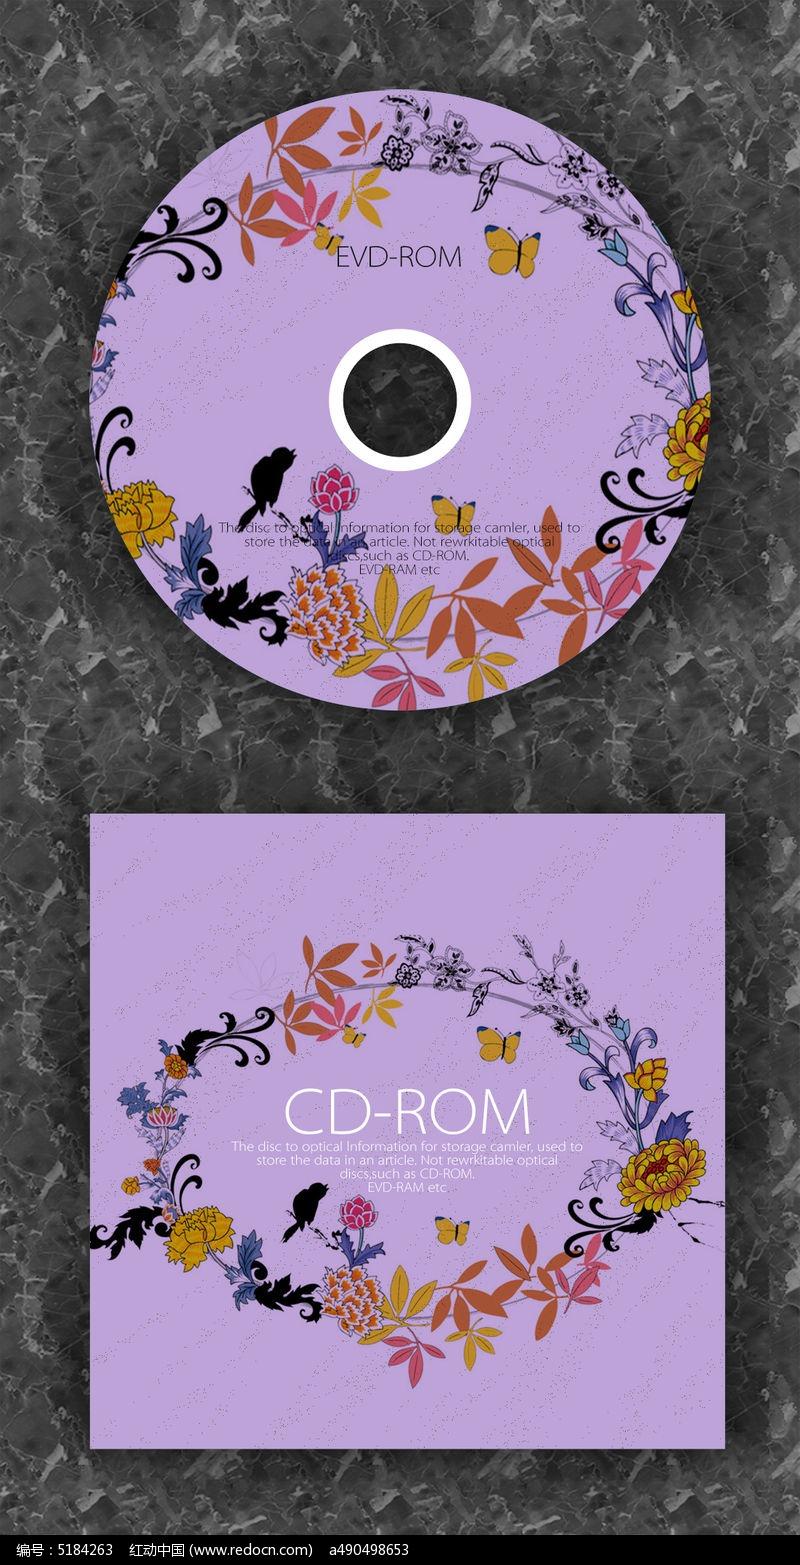 紫色花圈时尚cd光盘设计图片